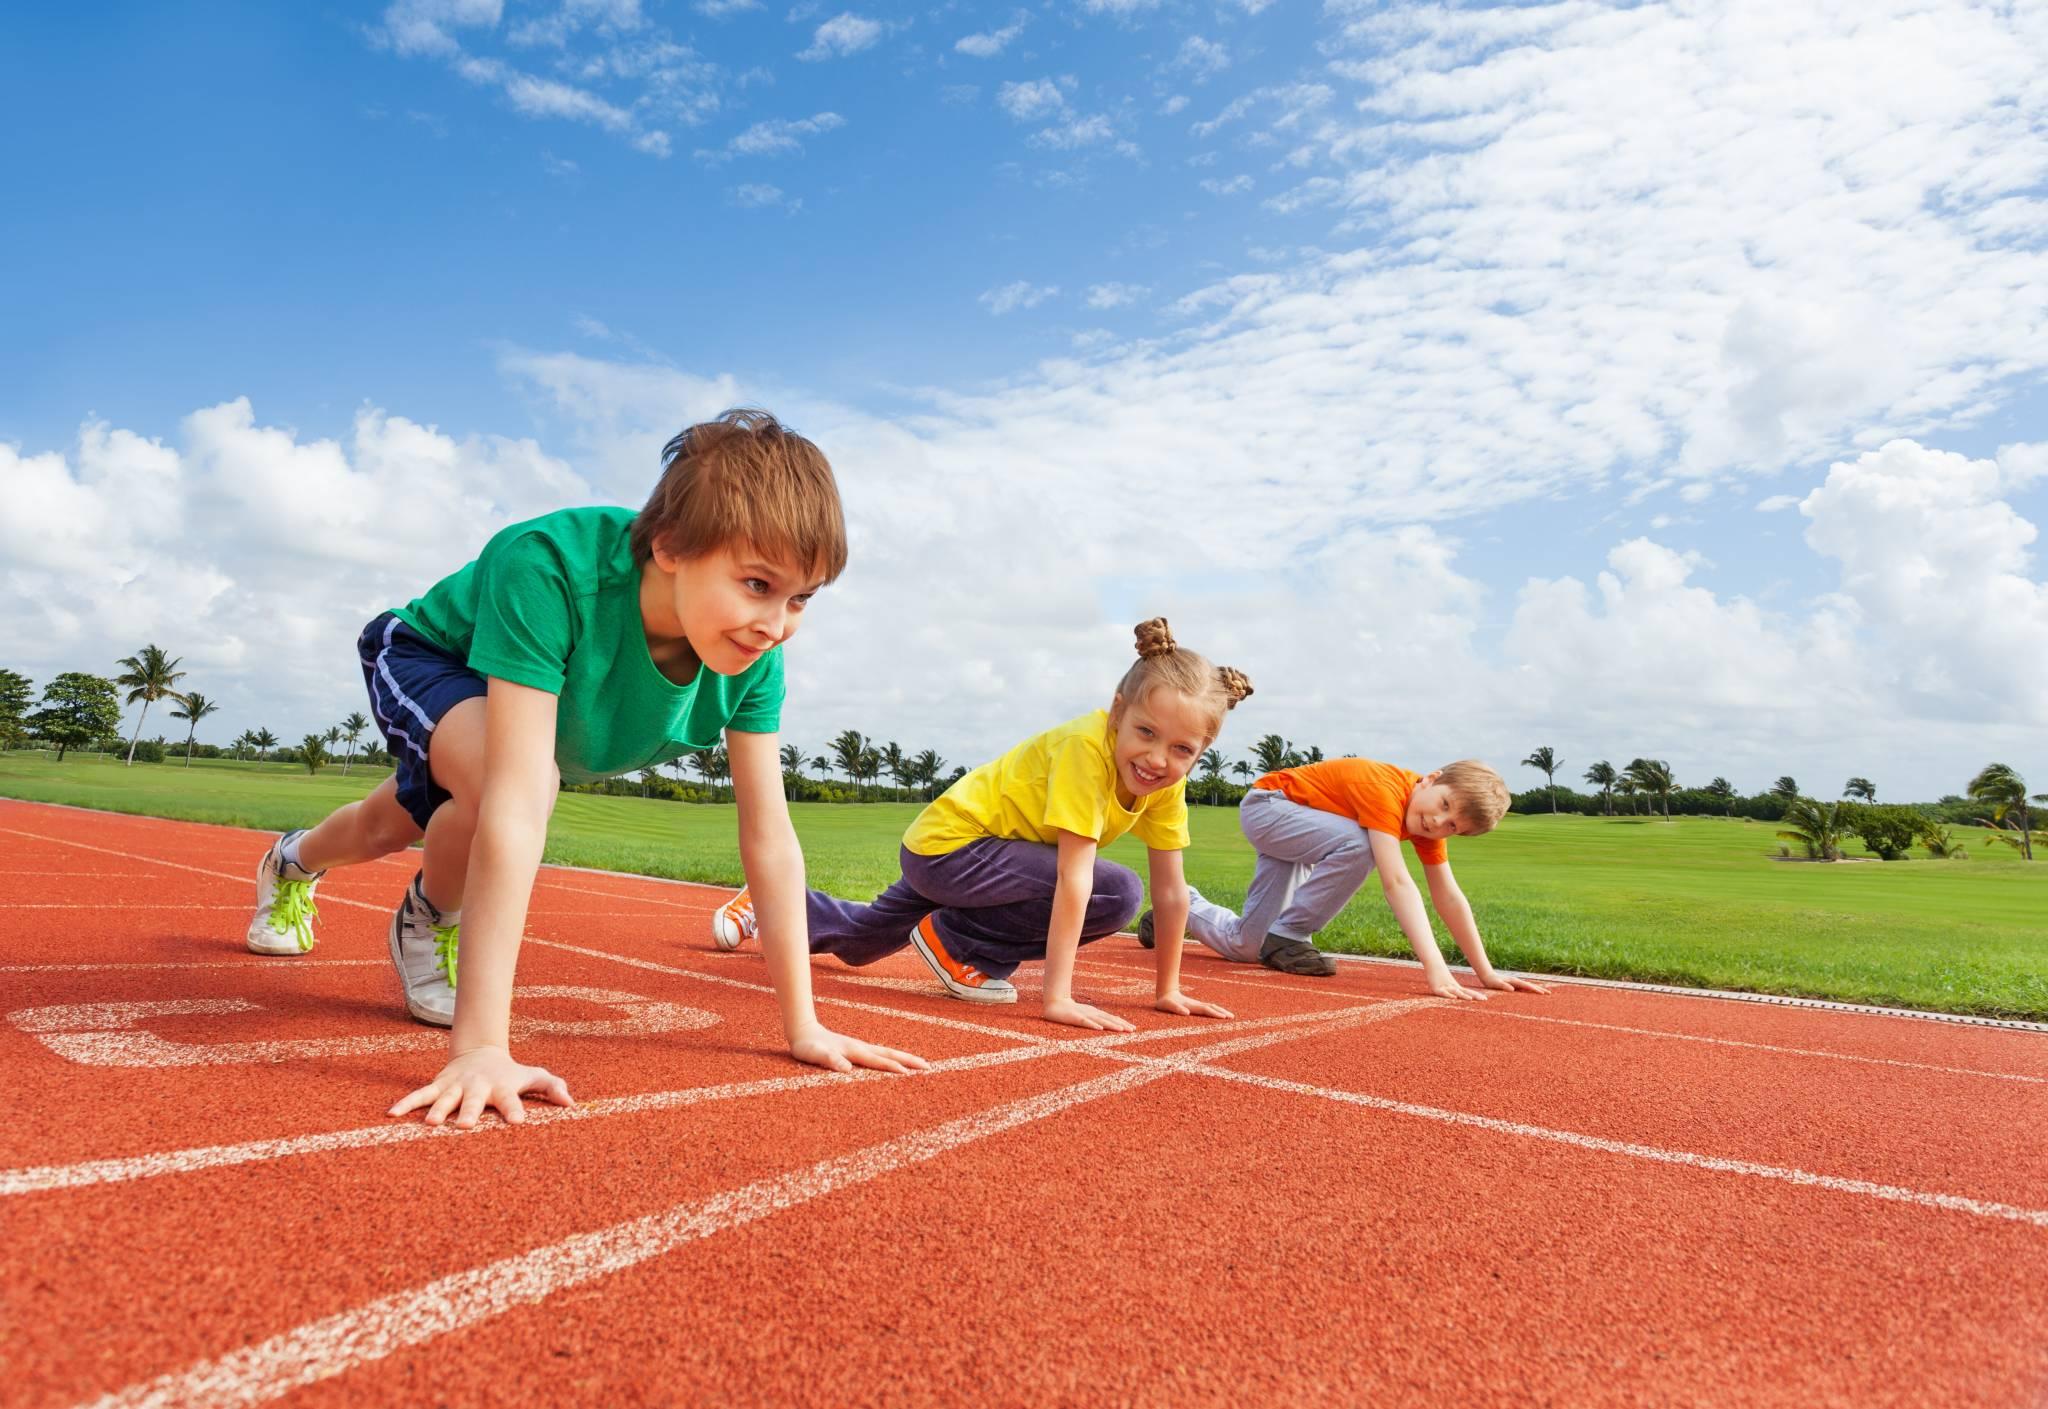 Rywalizacja vs współpraca: Czego uczyć dzieci?